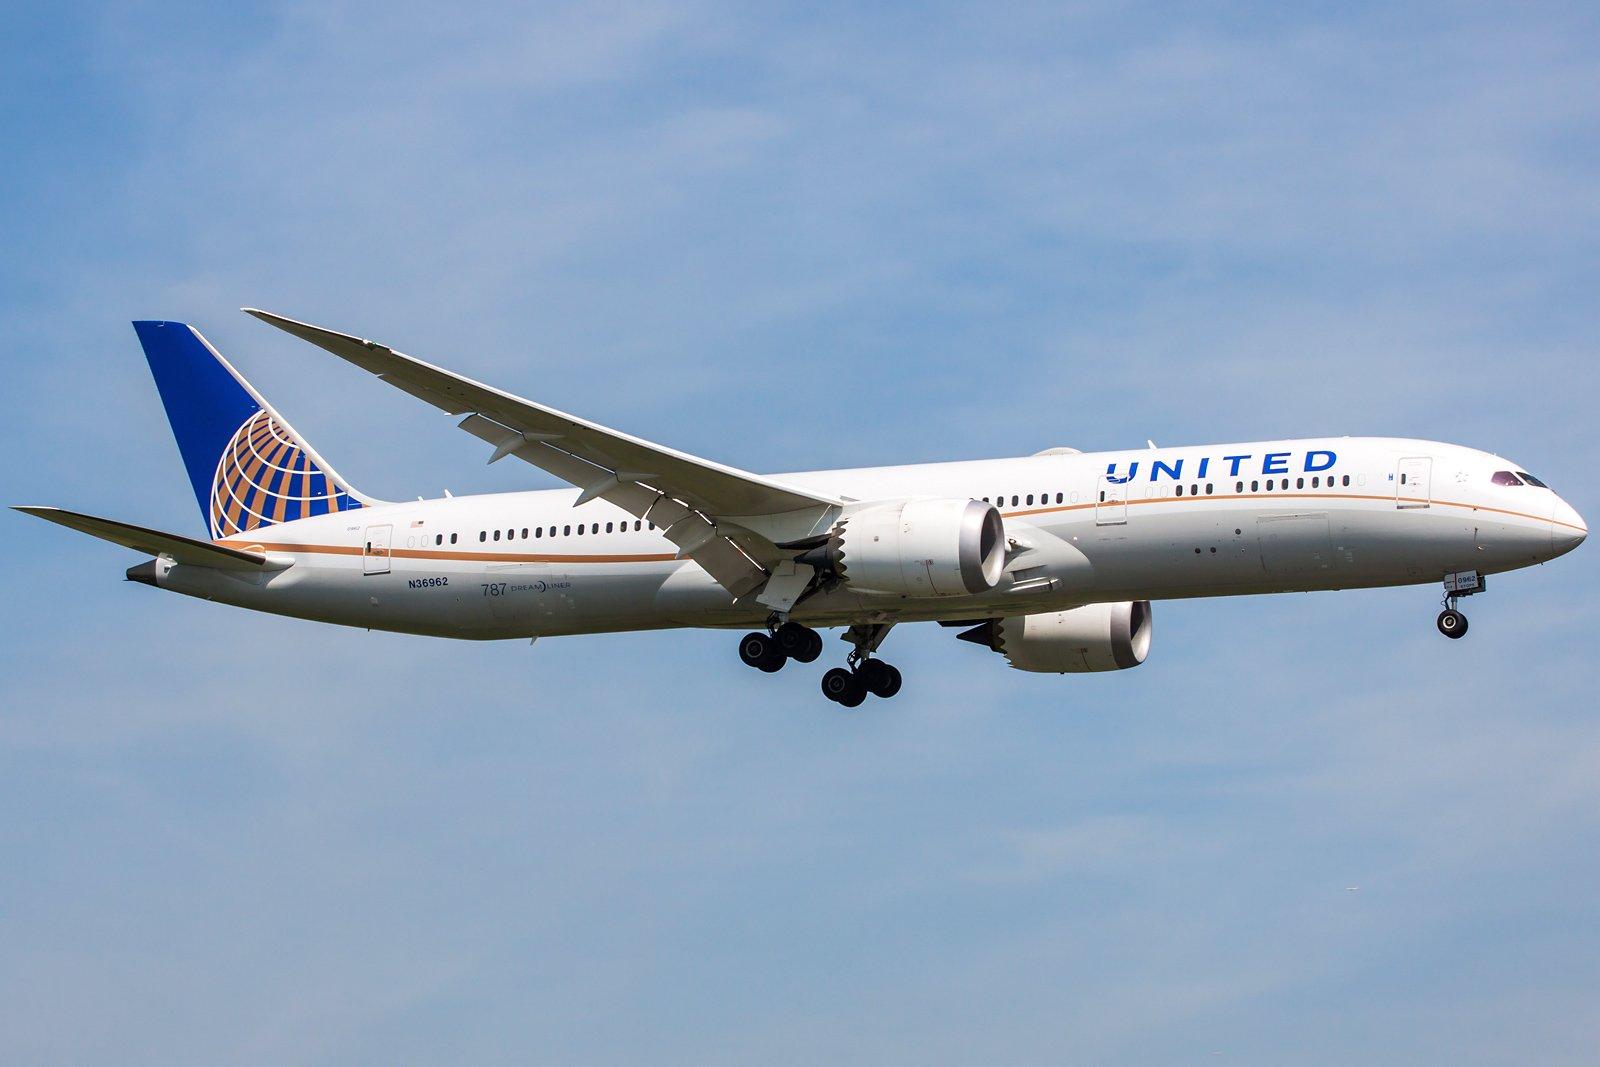 United Airlines Boeing 787-9 Dreamliner N36962